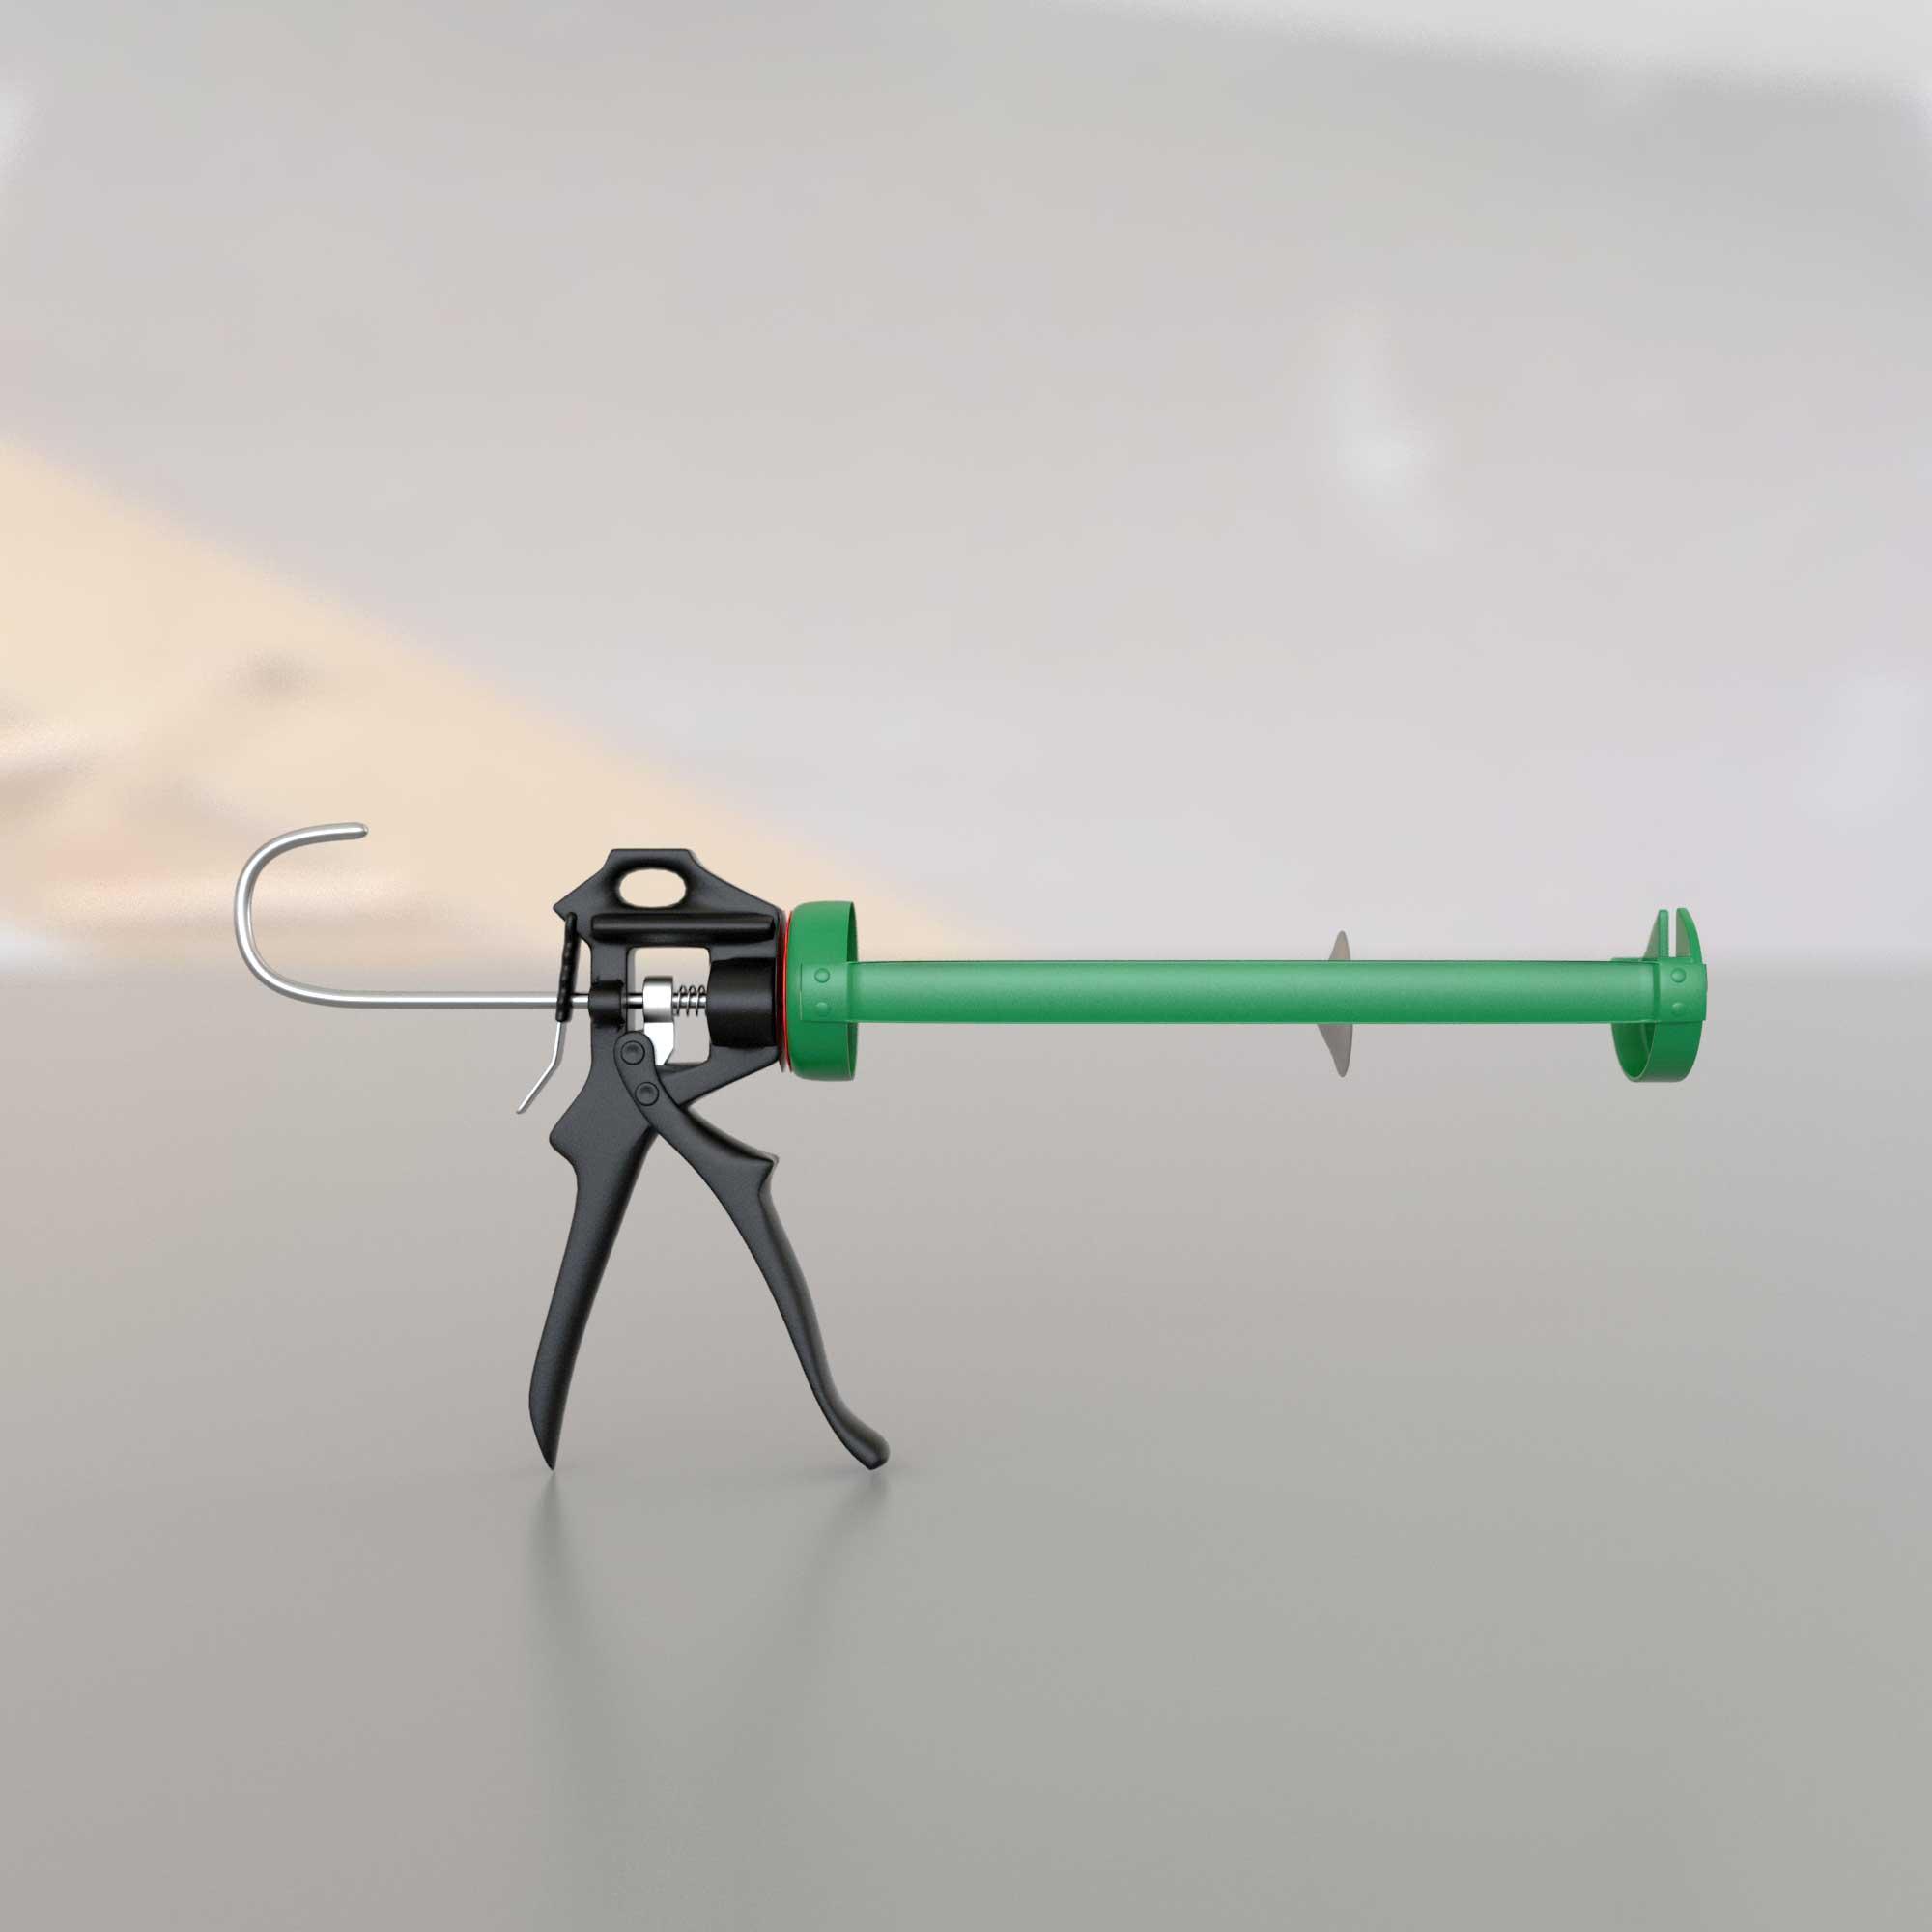 3Д модель строительного механического пистолета для герметика